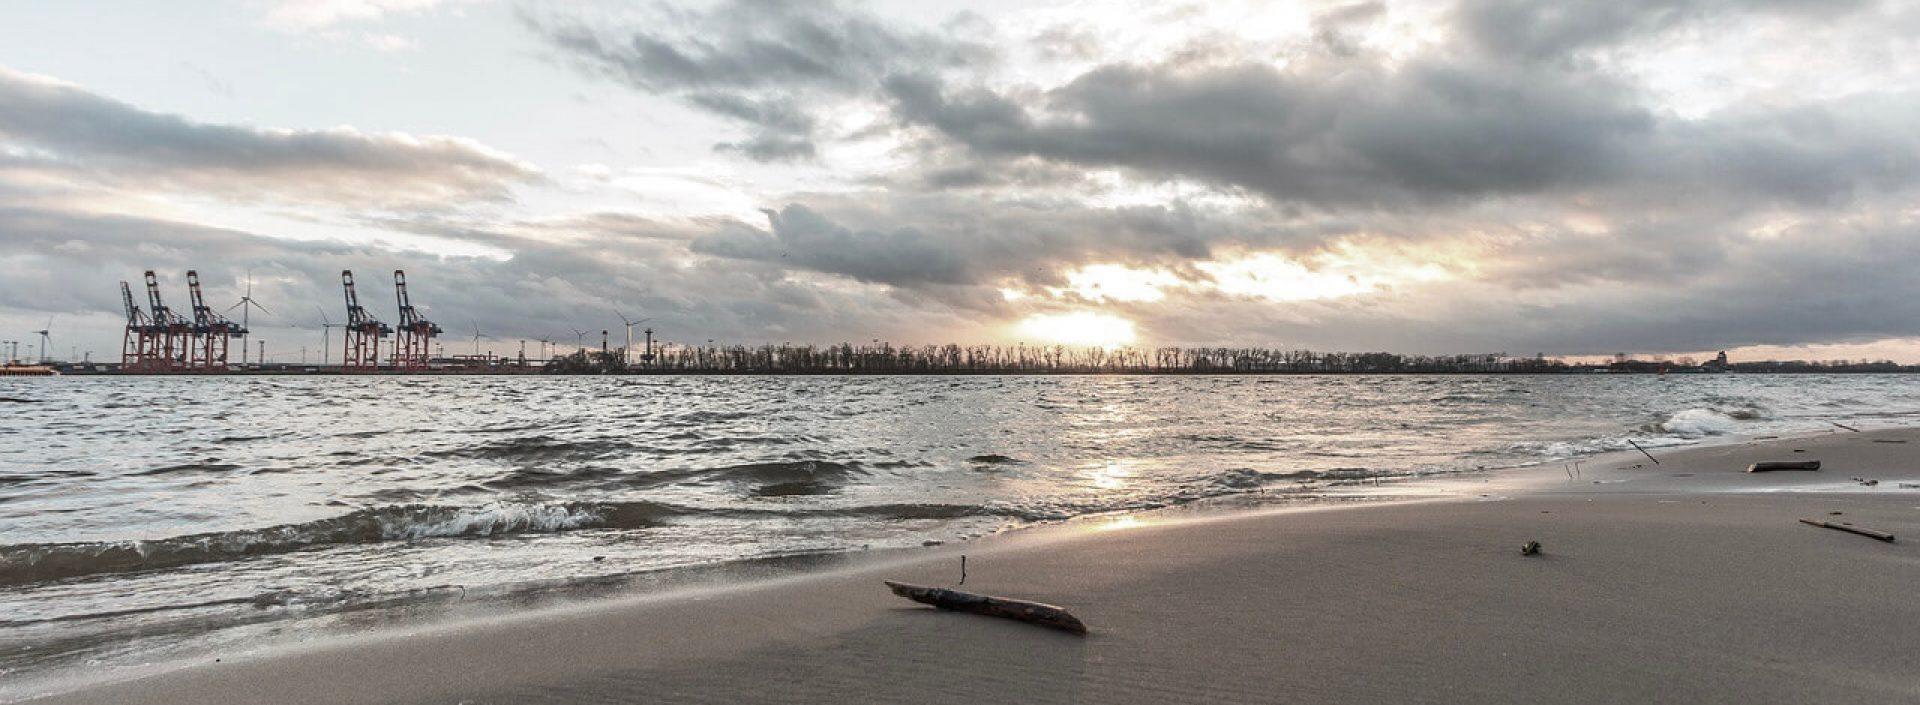 Elbsand – ein neues Modelabel aus Hamburg. Hier am Wasser entstehen unsere Ideen, und hat uns die Natur zu unserem Namen und besonderen Sandwash Finish inspiriert.